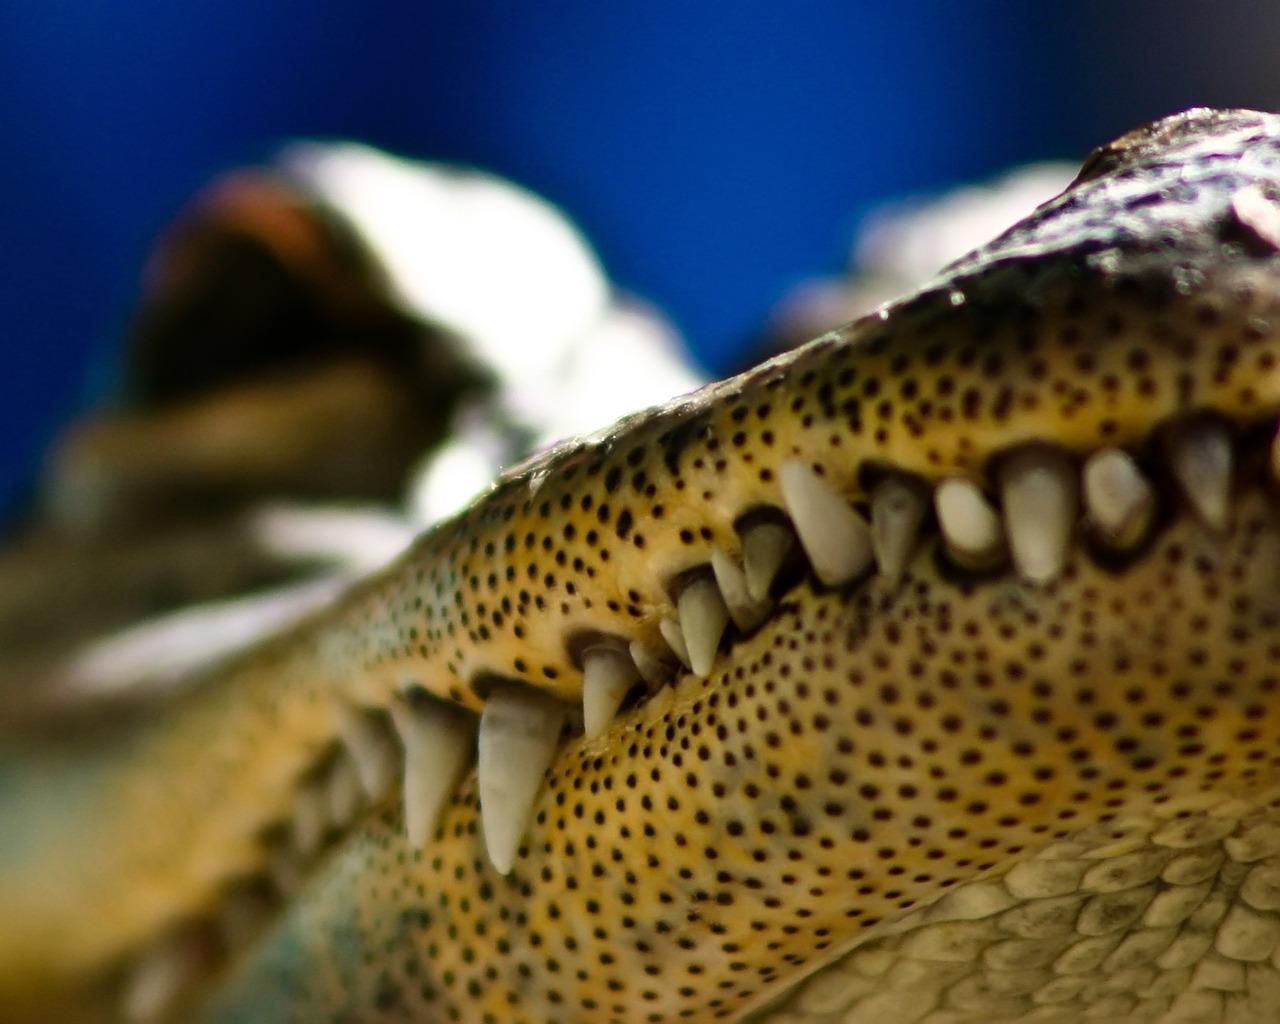 http://1.bp.blogspot.com/-xVYQUkf4HyI/TnDBeJmusTI/AAAAAAAAAI4/j-gbYJv4SuY/s1600/crocodile-wallpaper-13-708212.jpg